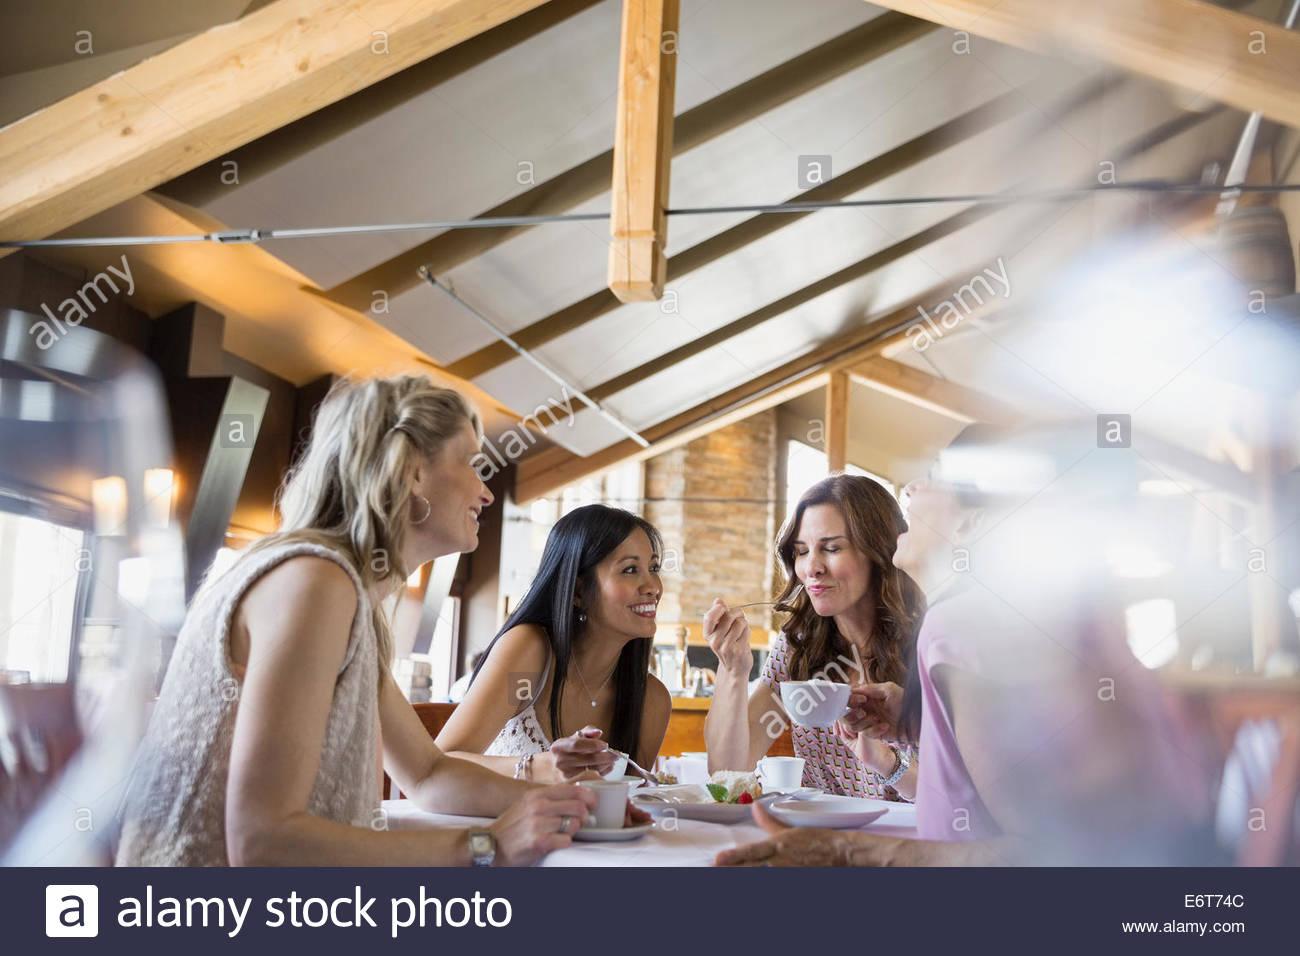 Las mujeres comiendo juntos en un restaurante Foto de stock